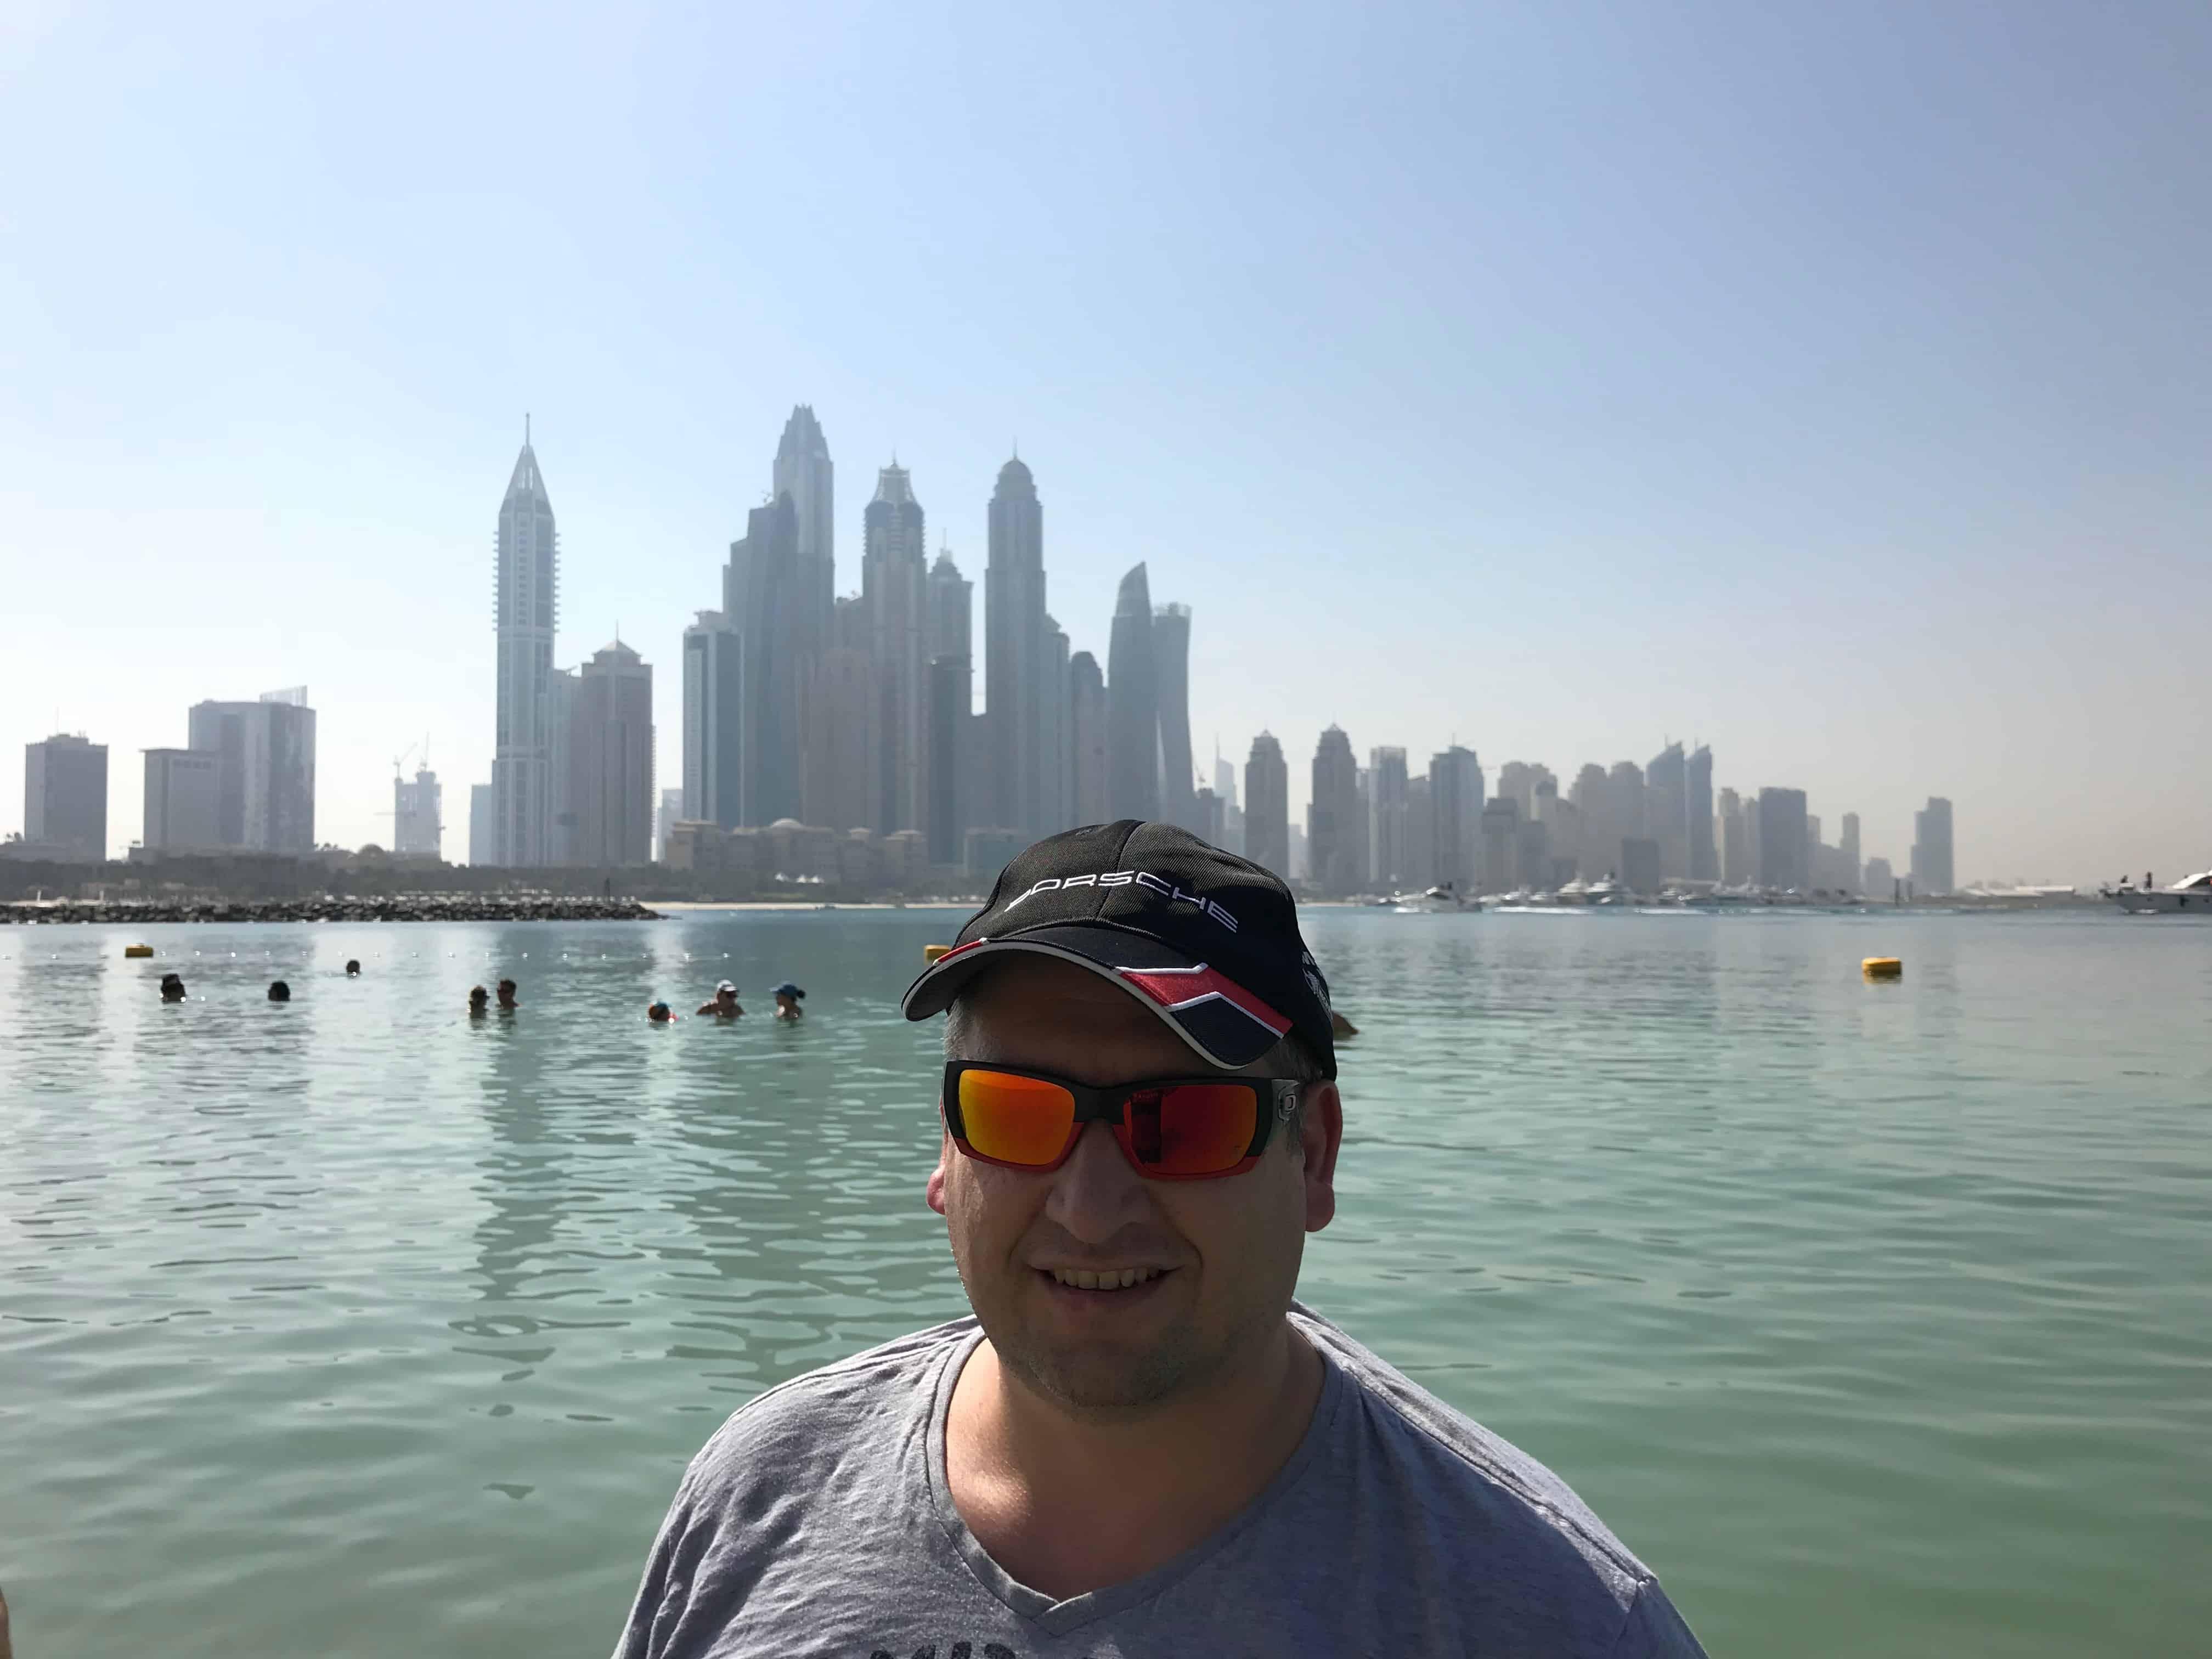 Andreas Zenker vor der Skyline von Dubai Jumeirah Beach